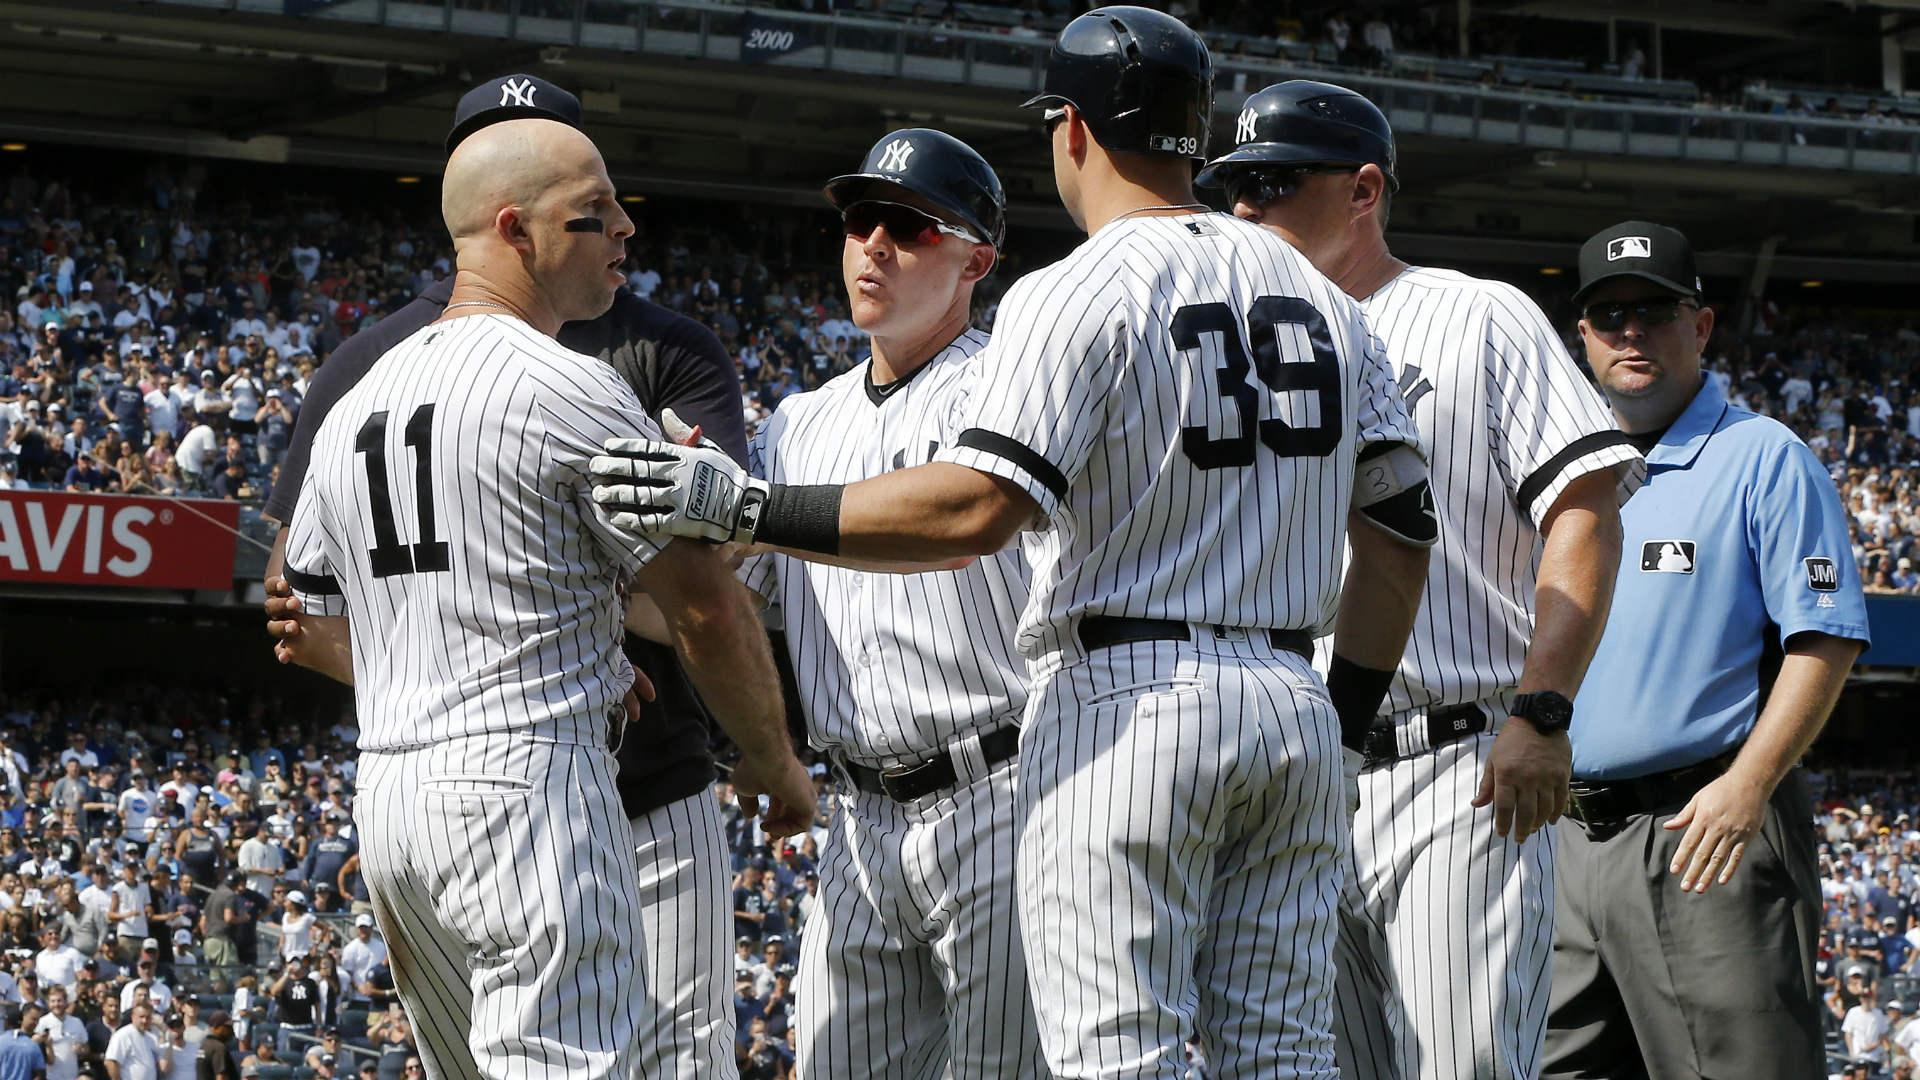 Yankees adopt Brett Gardner's dugout antics for new celebration